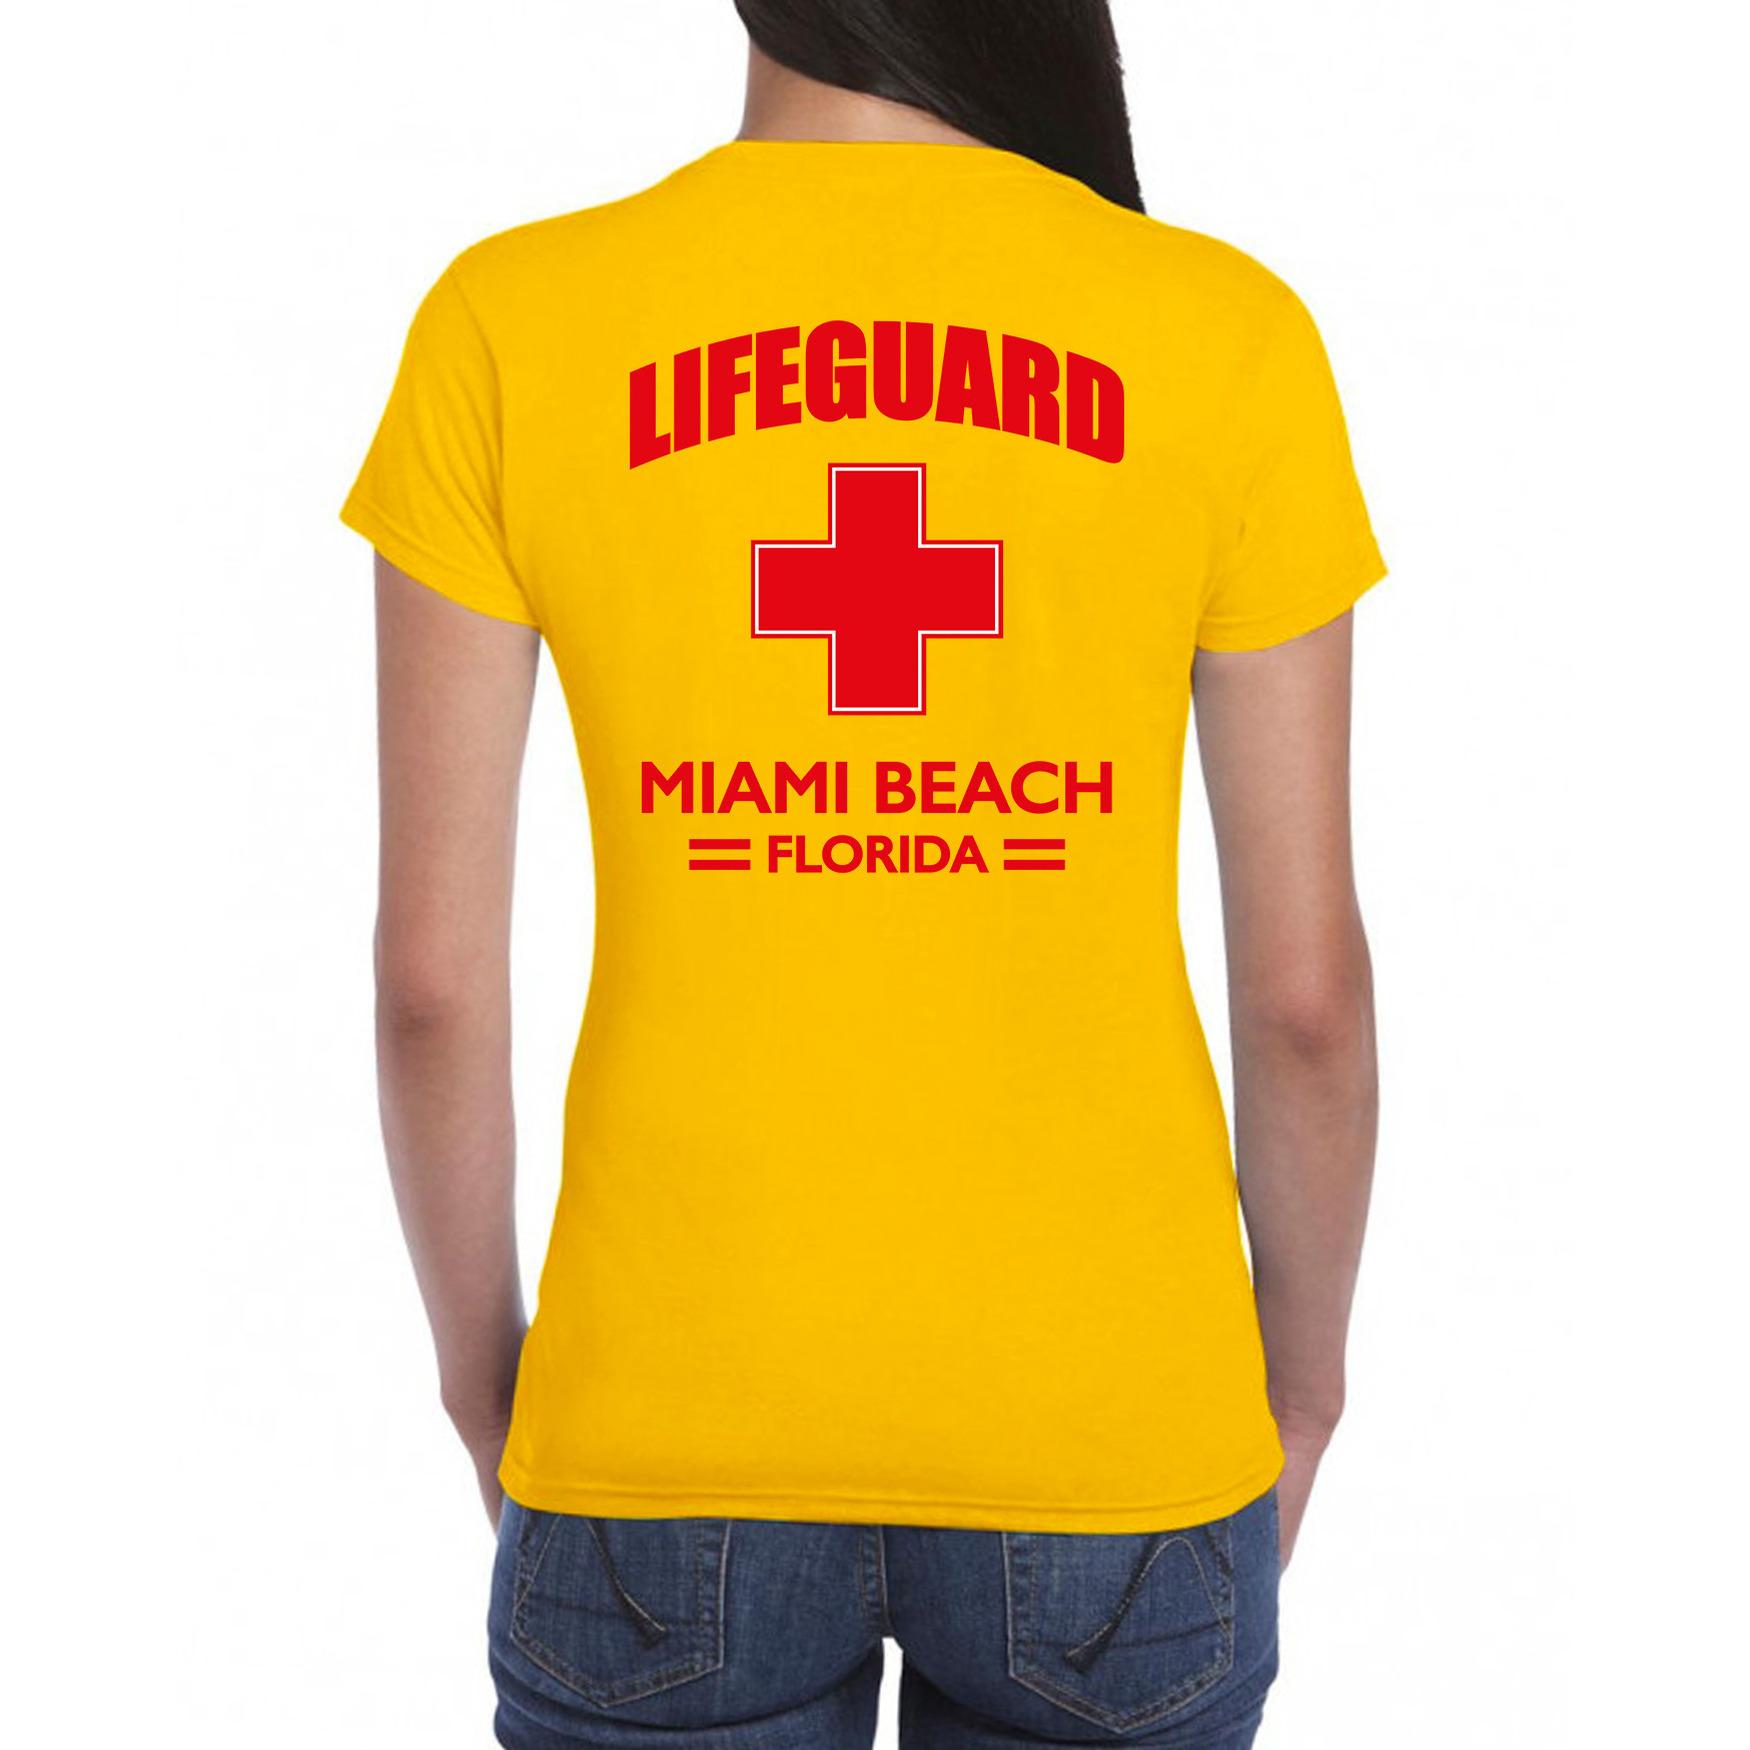 Lifeguard- strandwacht verkleed t-shirt-shirt Lifeguard Miami Beach Florida geel voor dames